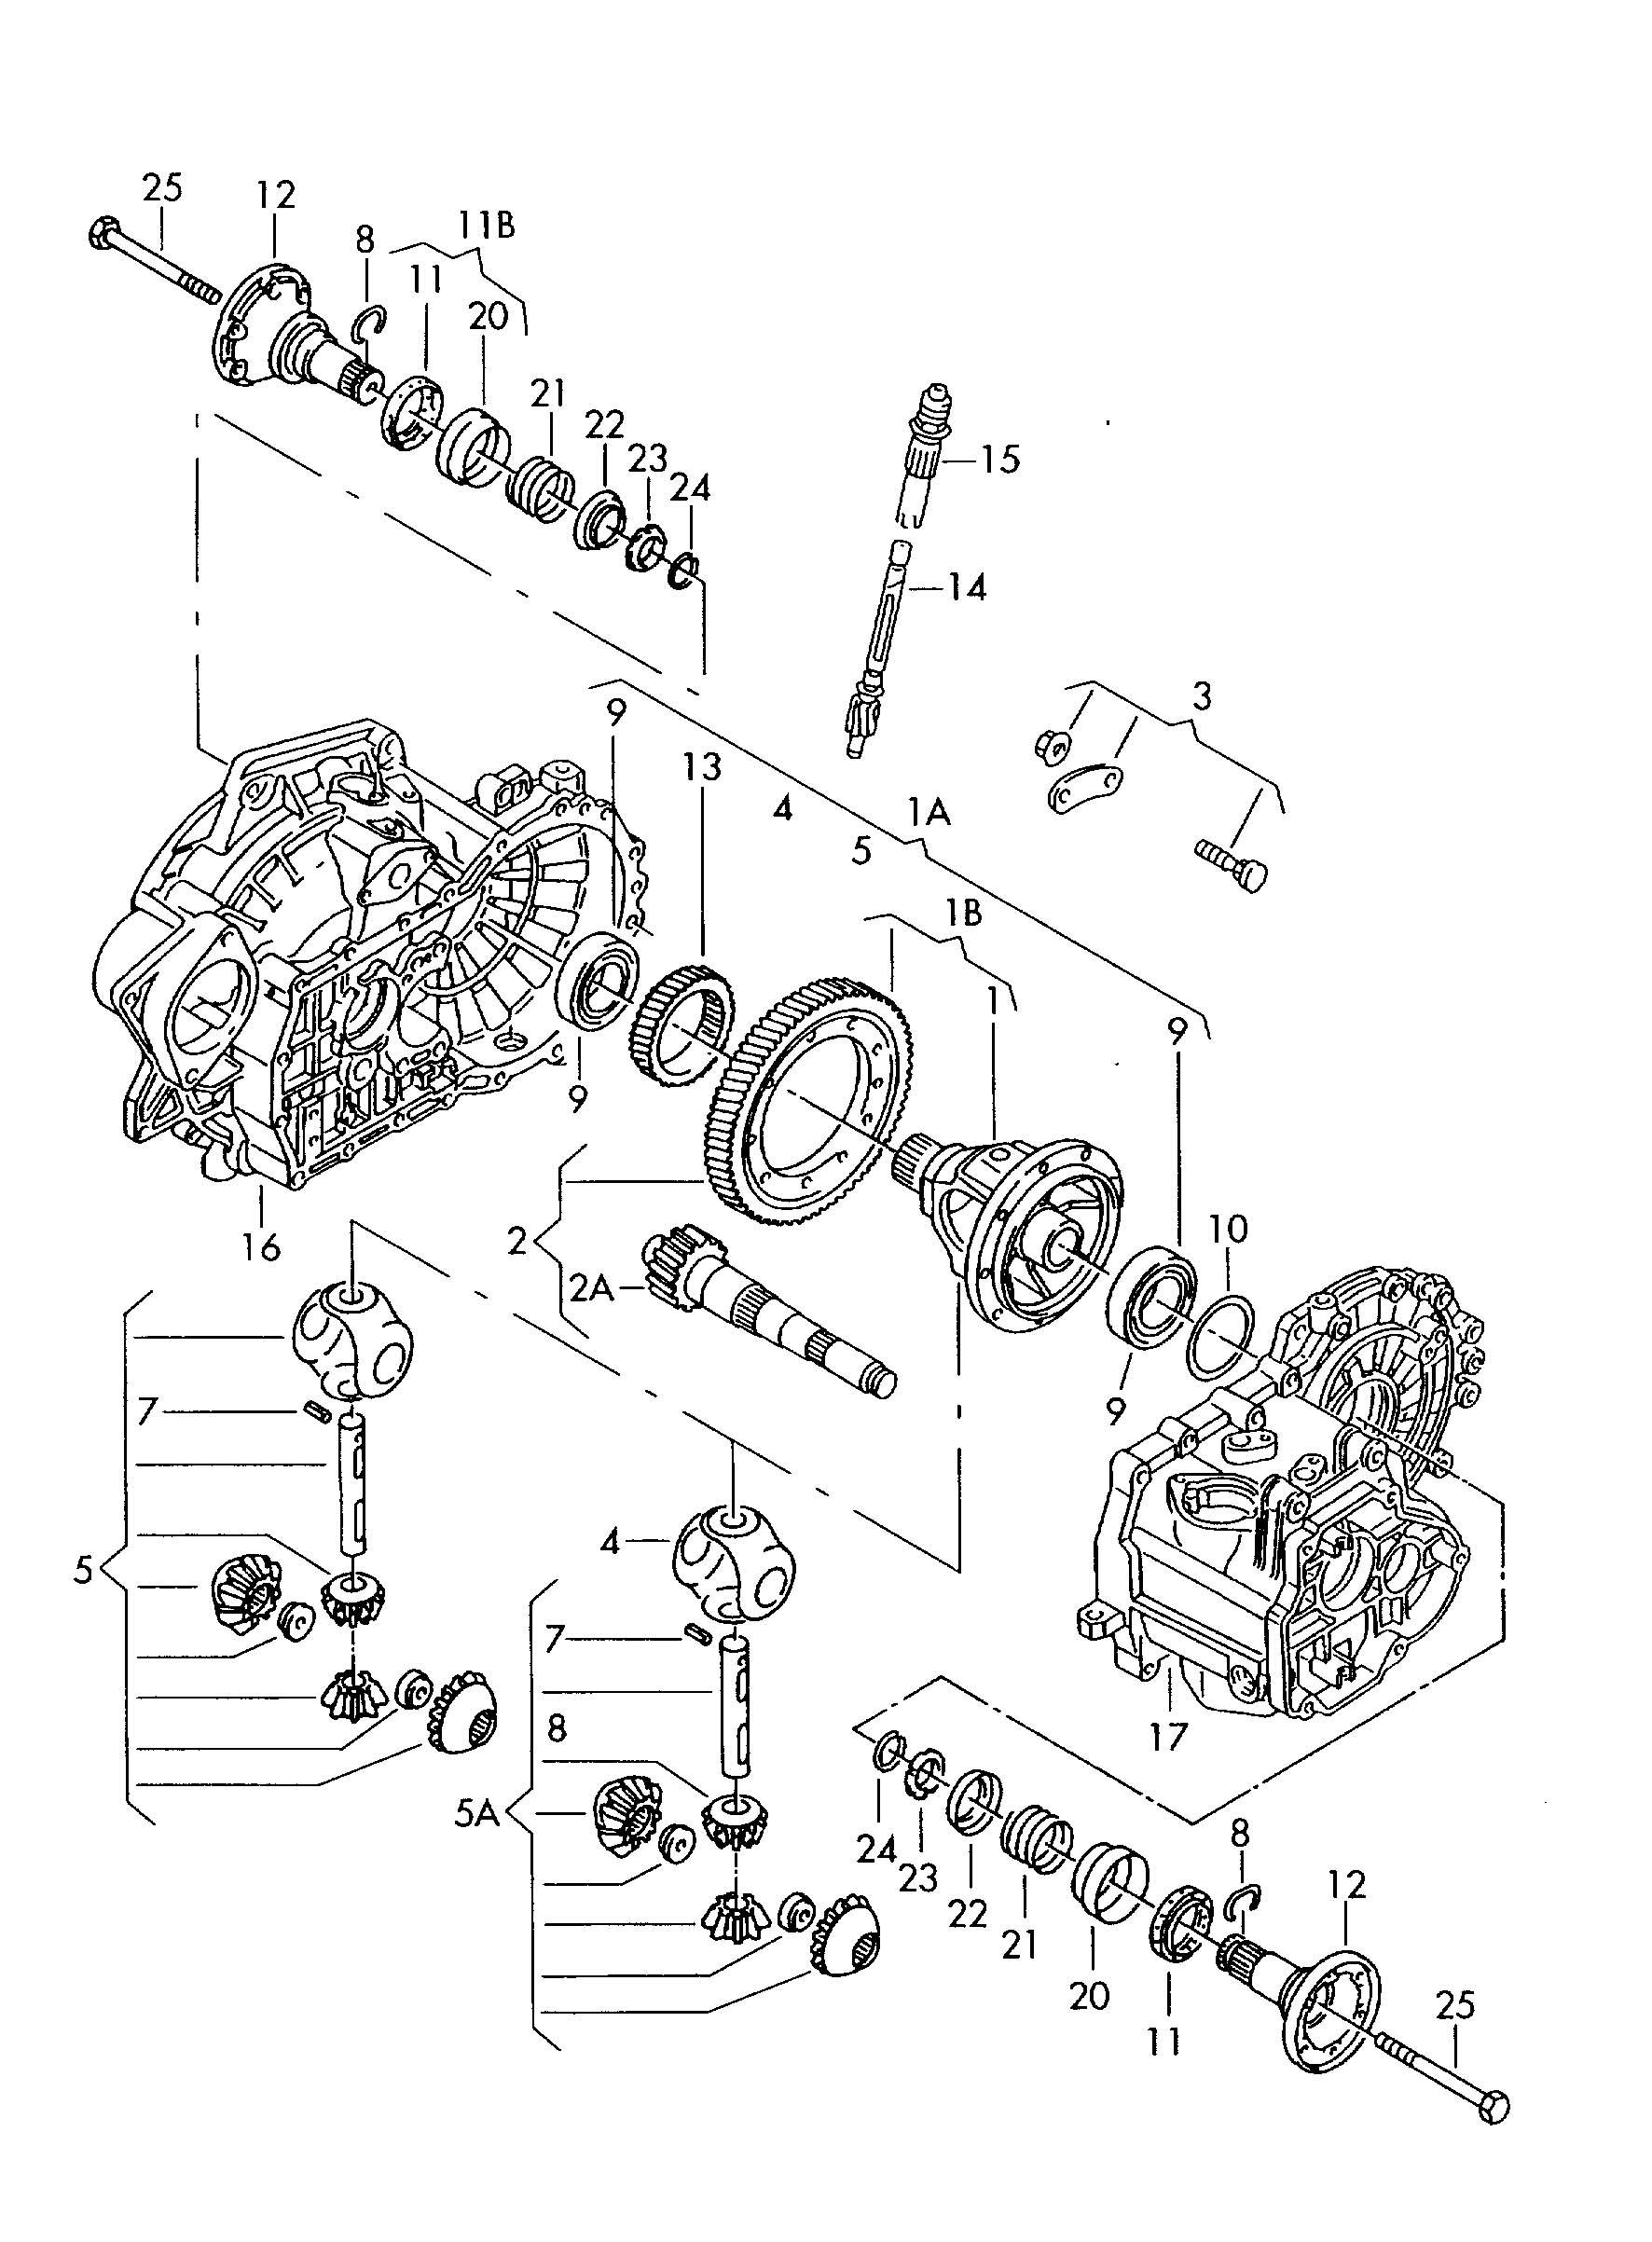 2005 Volkswagen Jetta Output shaft. EHC, EGF, DZC, FDS